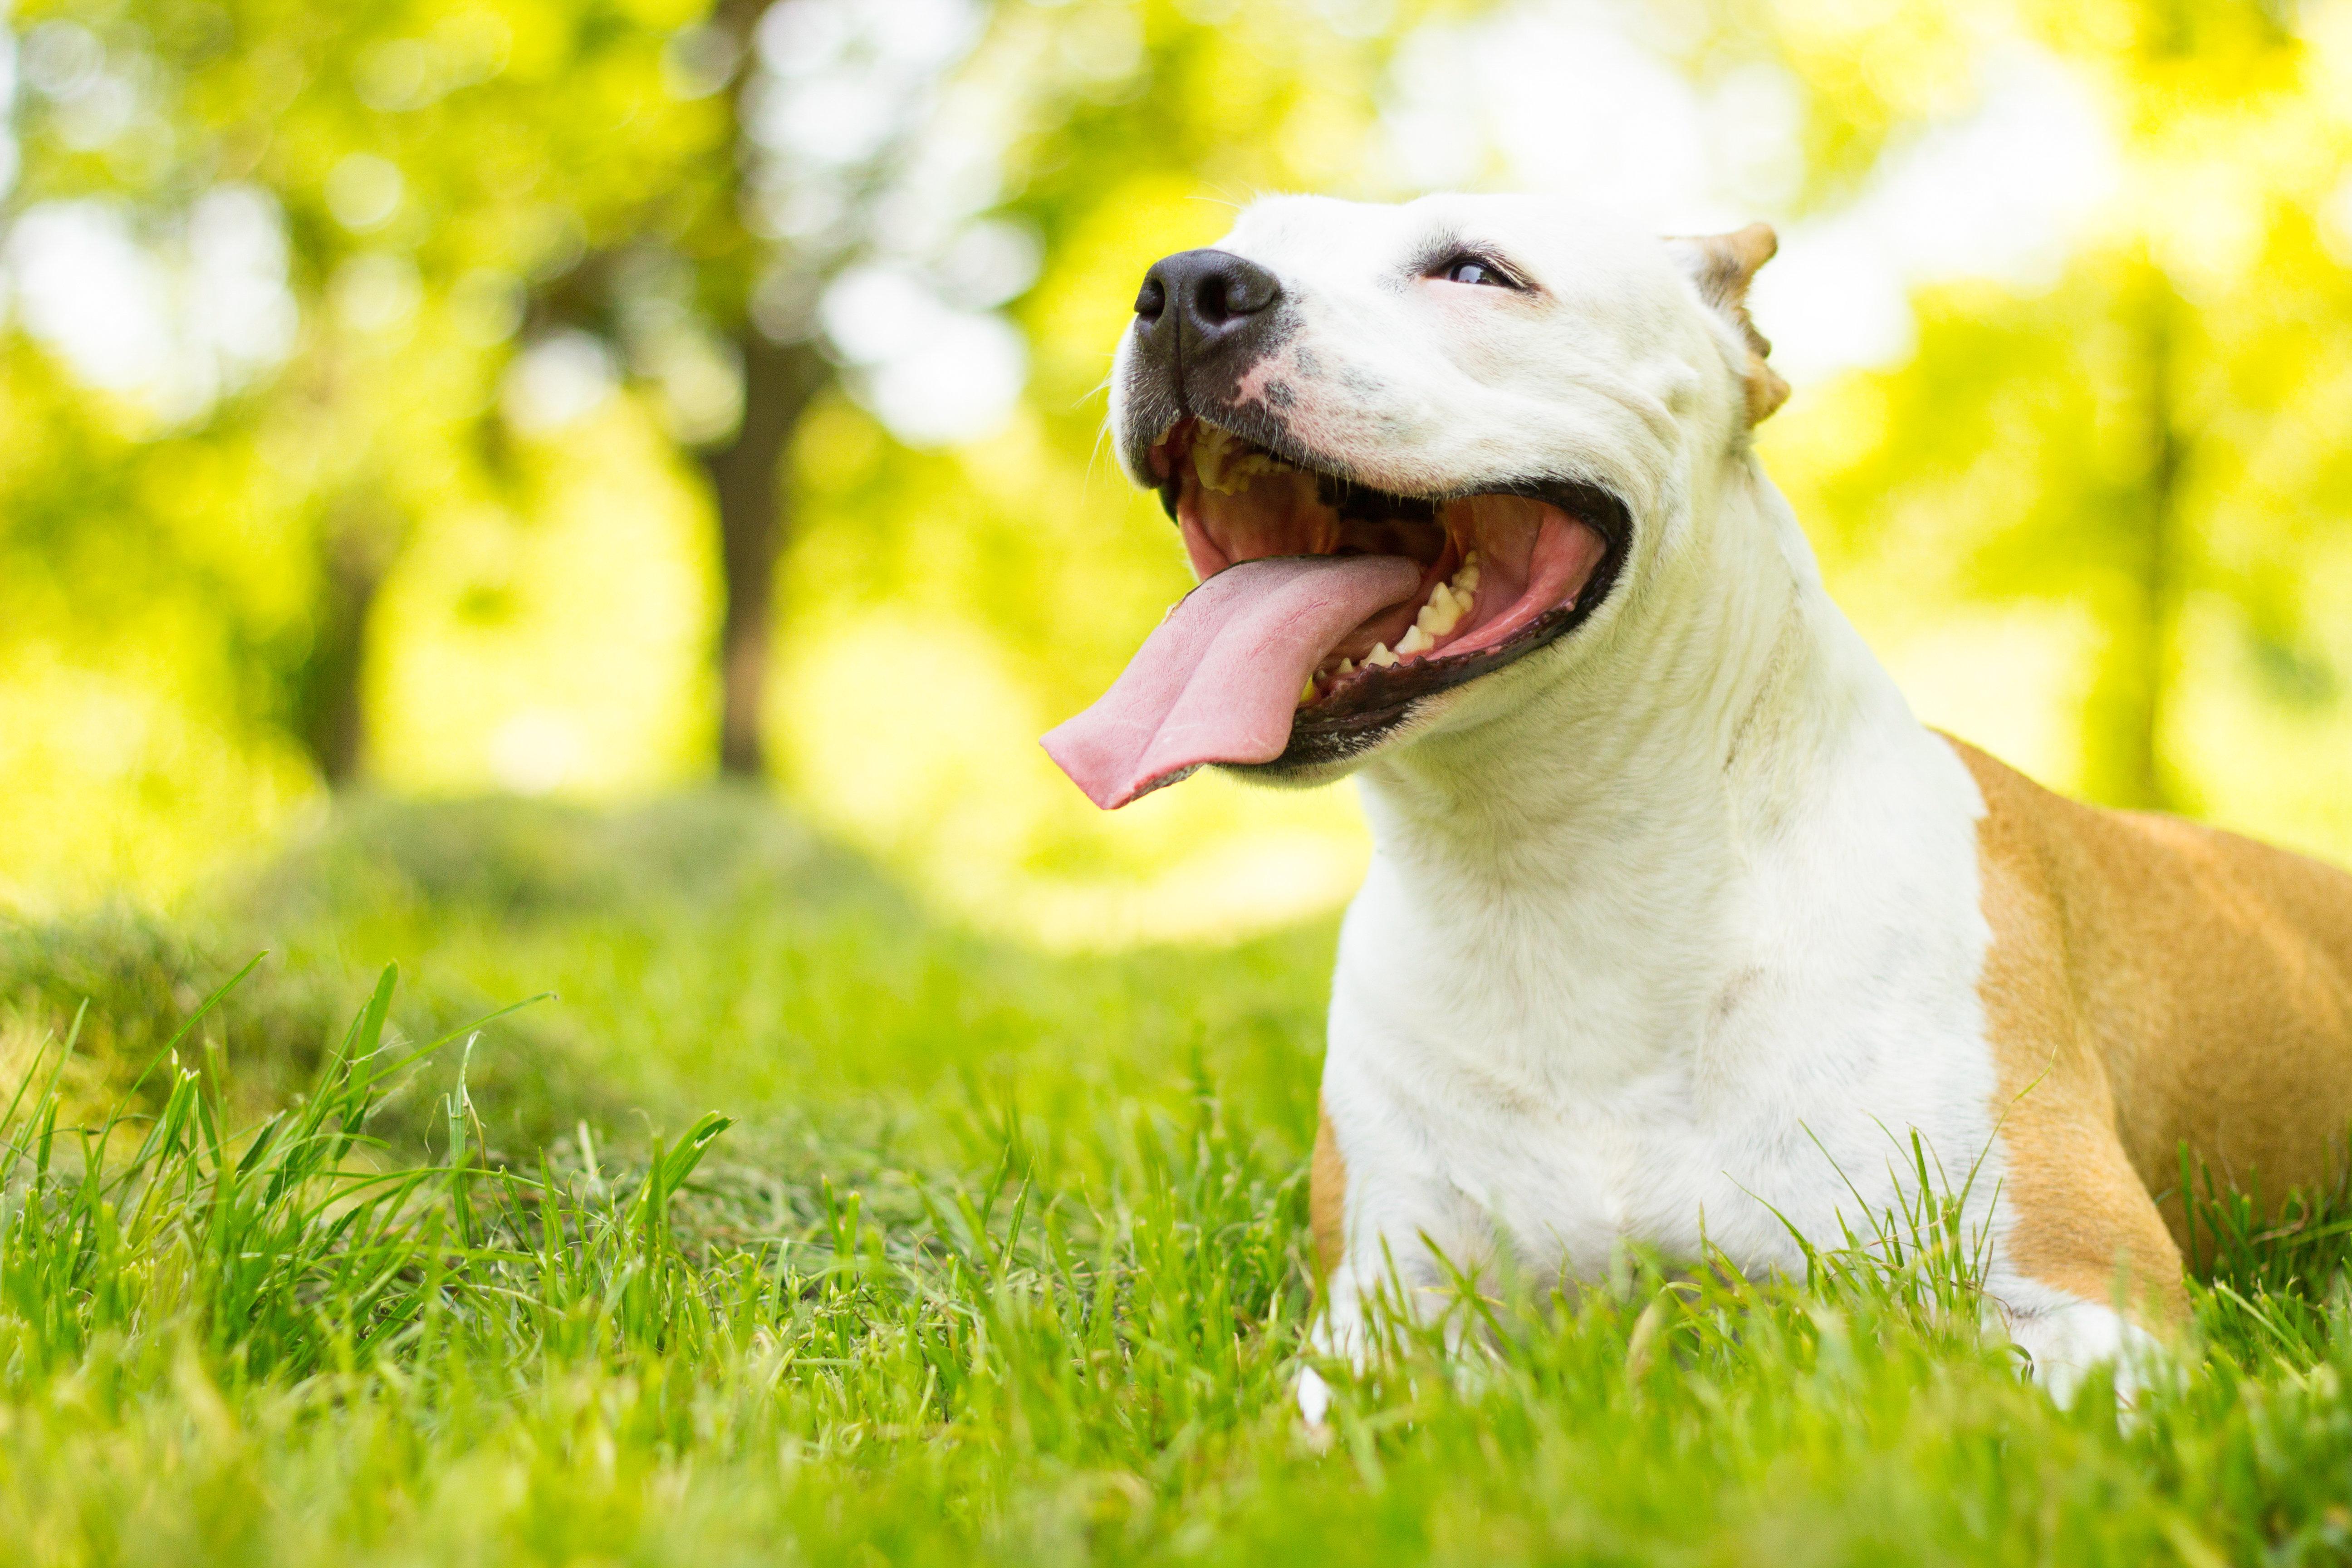 Smiling dog enjoying the beautiful sunny day